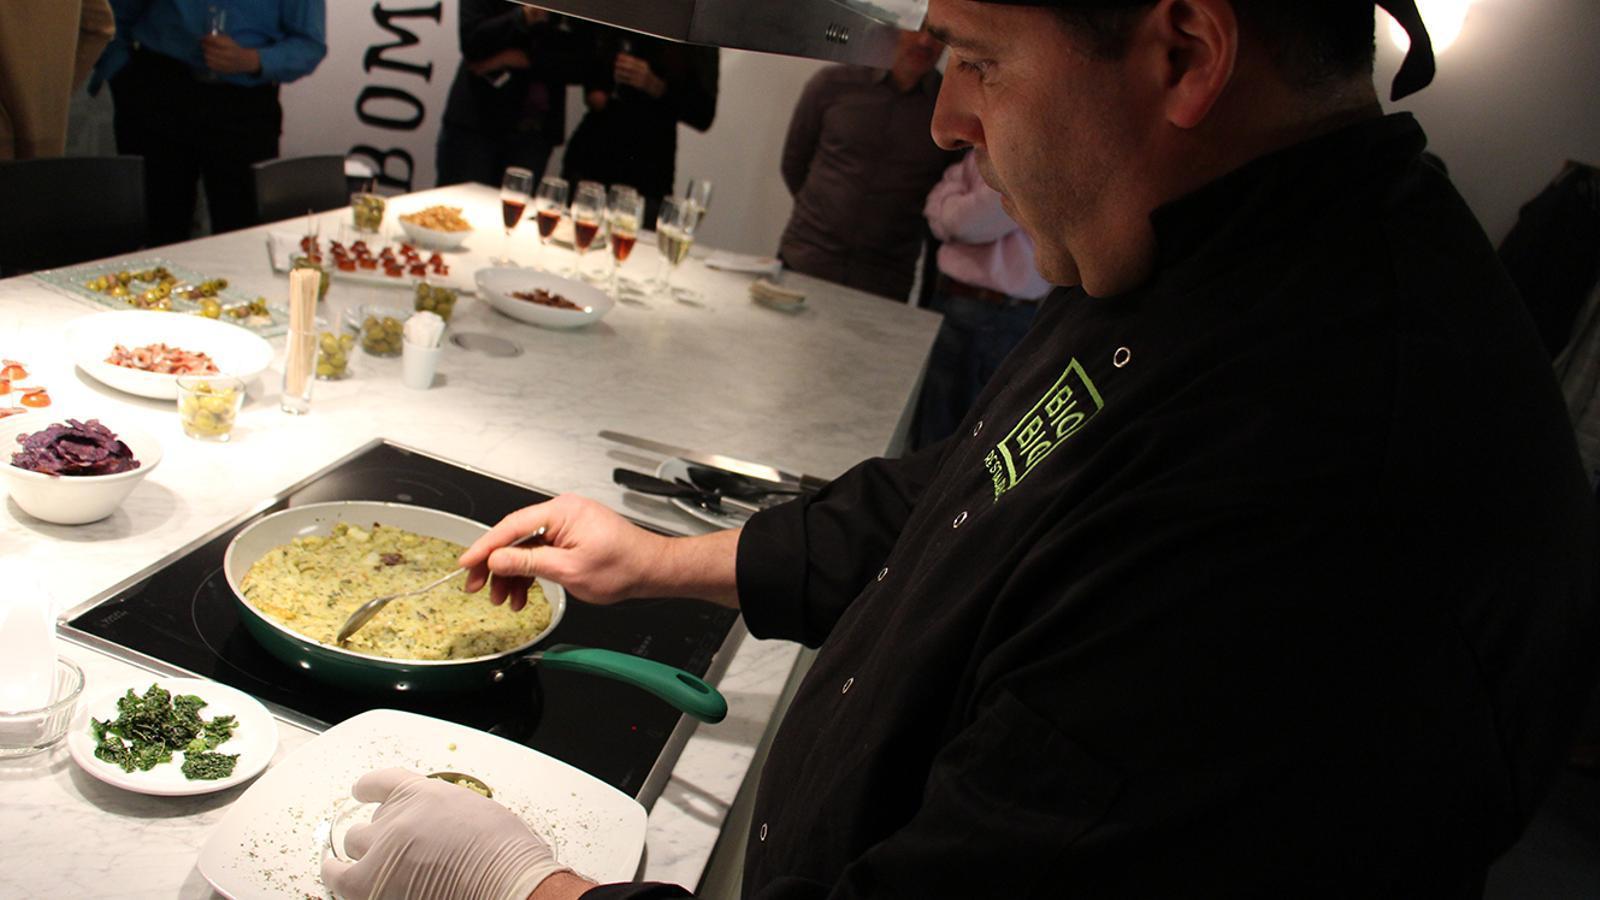 Alguns dels aperitius que es podran aprendre amb els tallers, de la mà dels mateixos xefs. / M. M. (ANA)